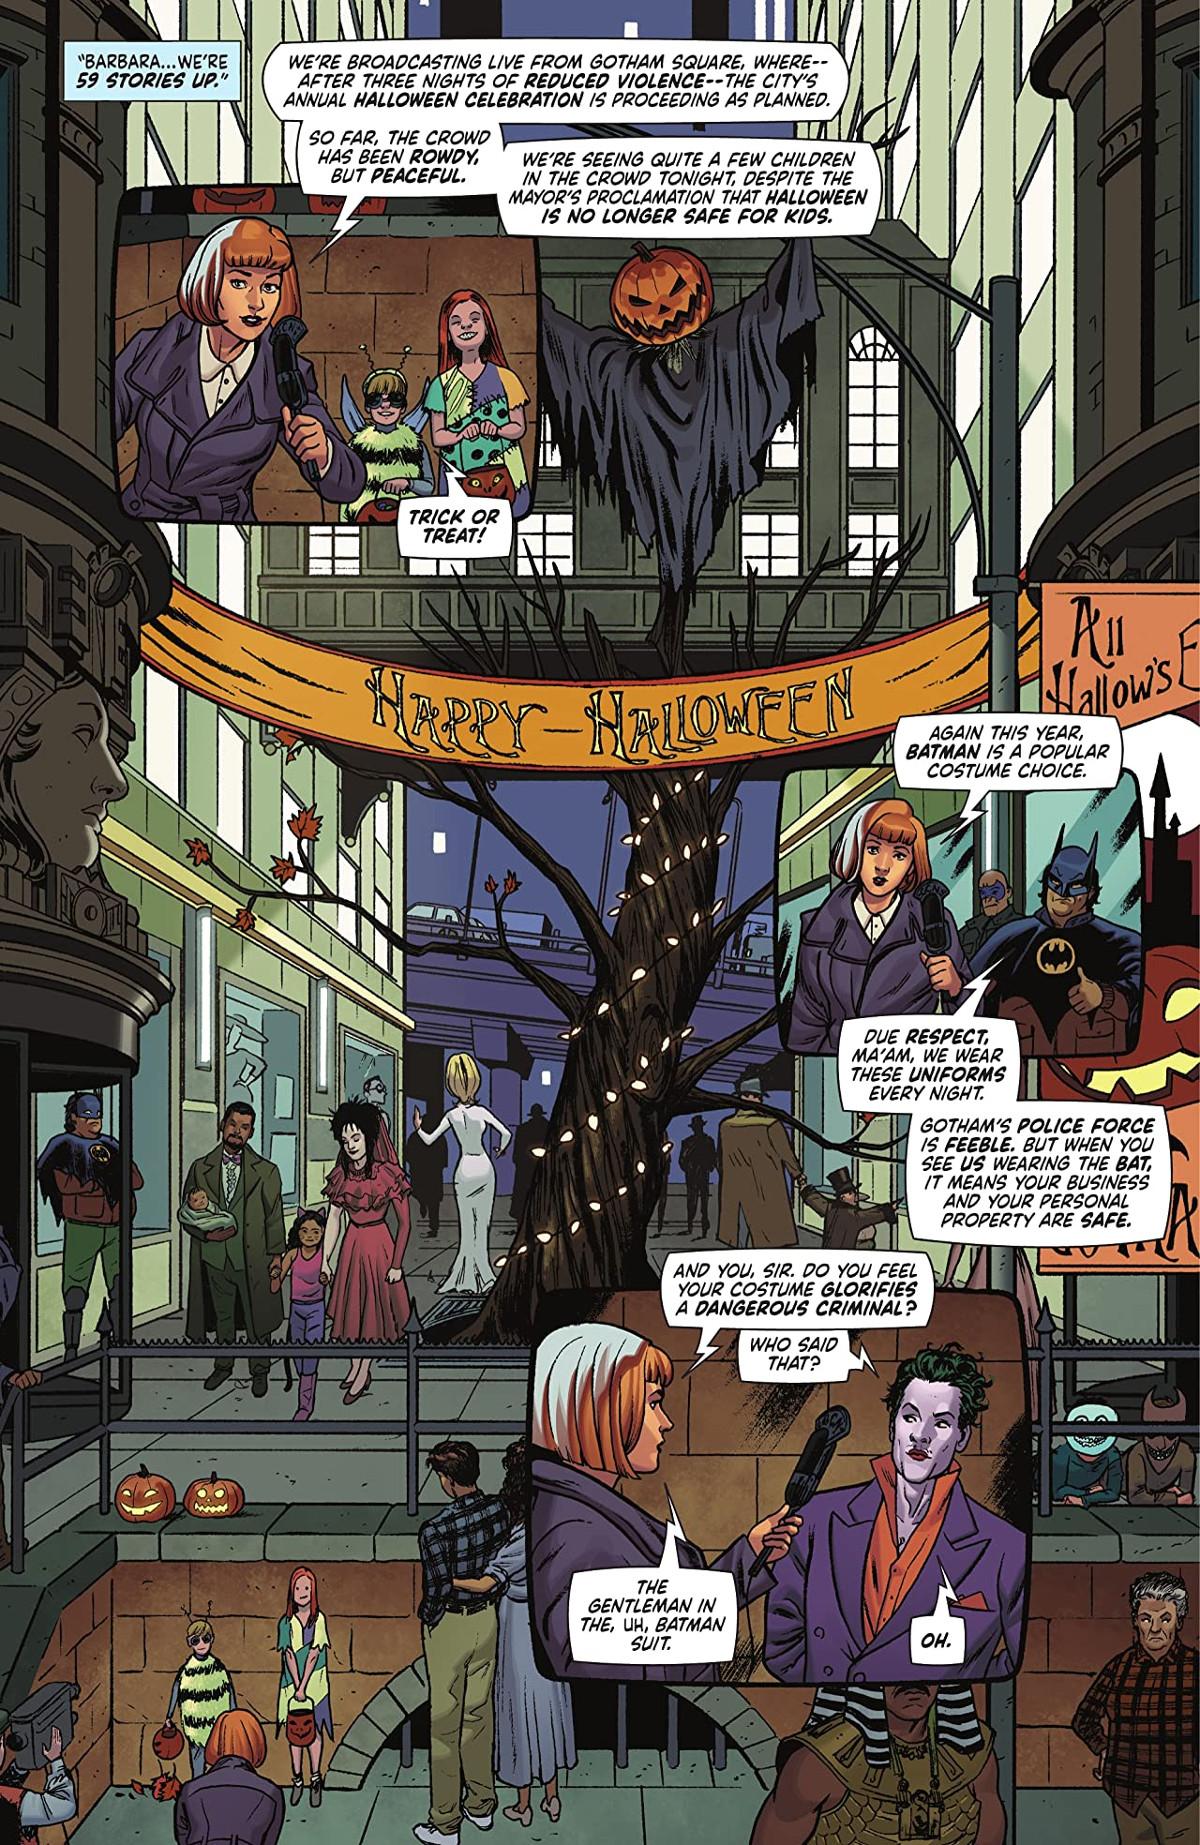 Batman 89 #1 Page 1